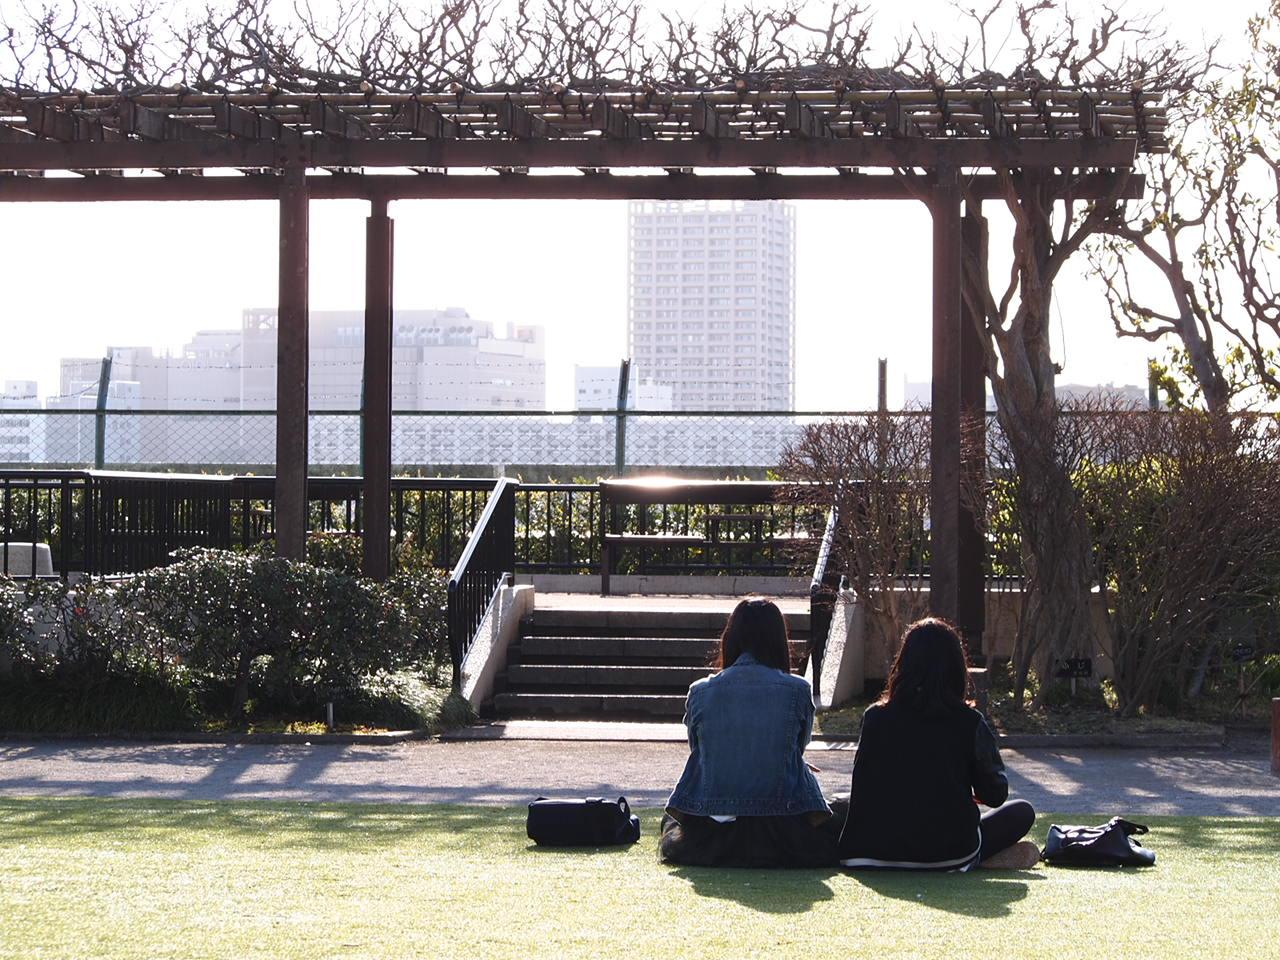 葛飾区小菅公園の春 2。_a0214329_14302447.jpg